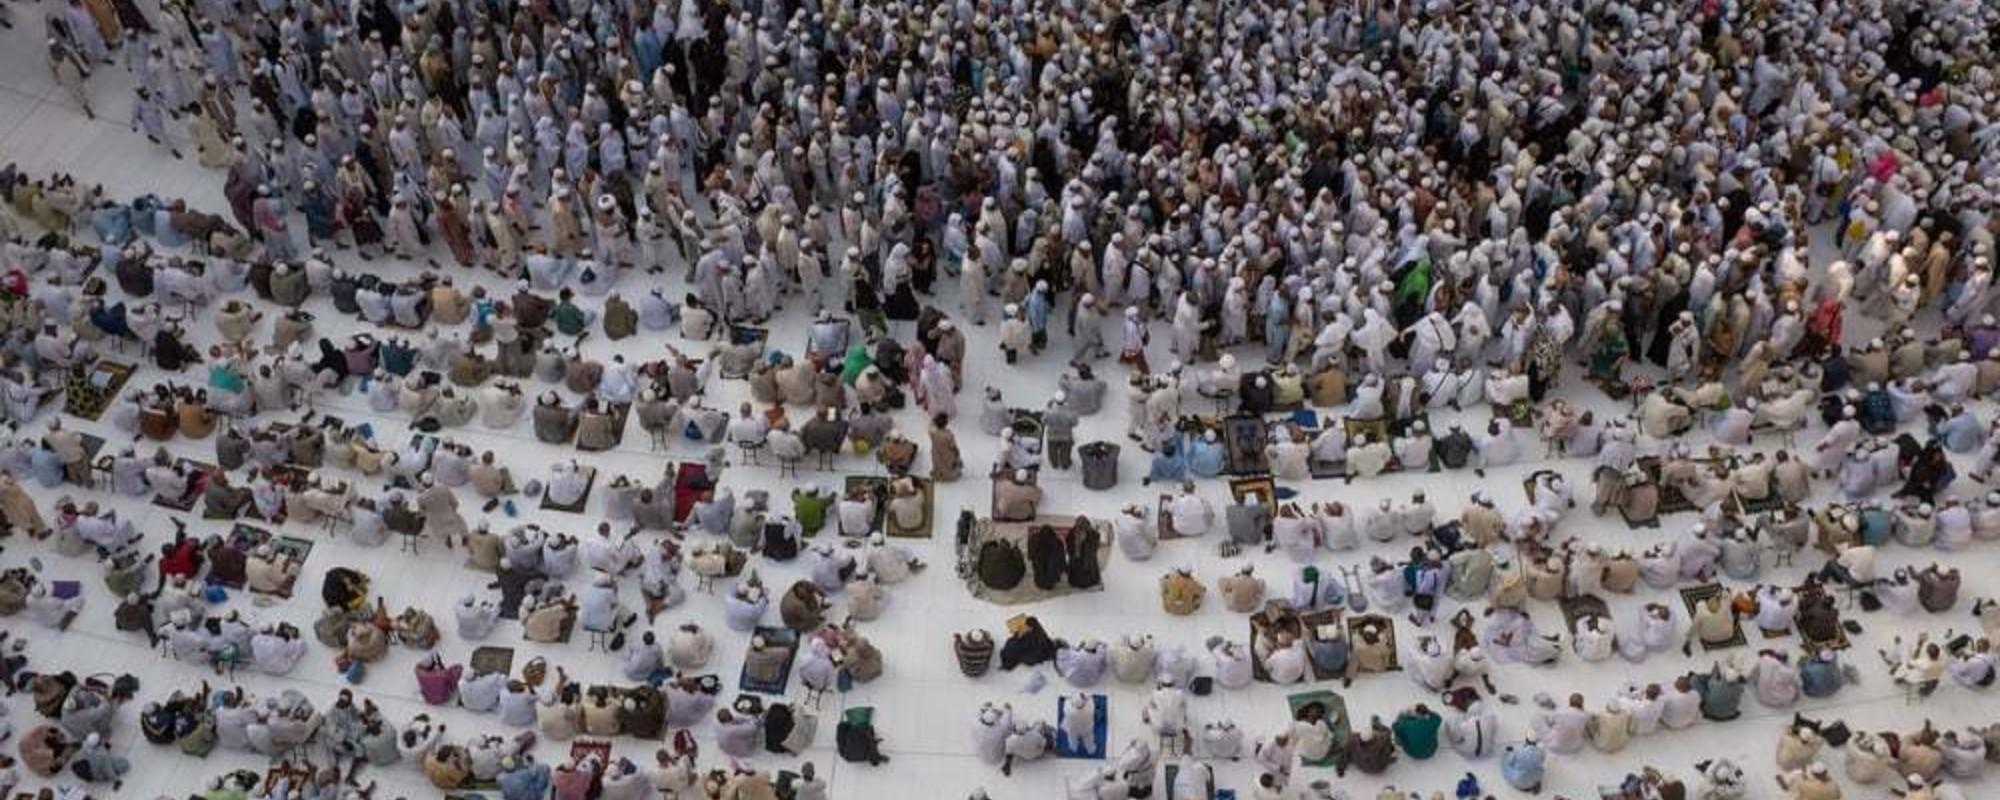 La Mecca vista dall'interno